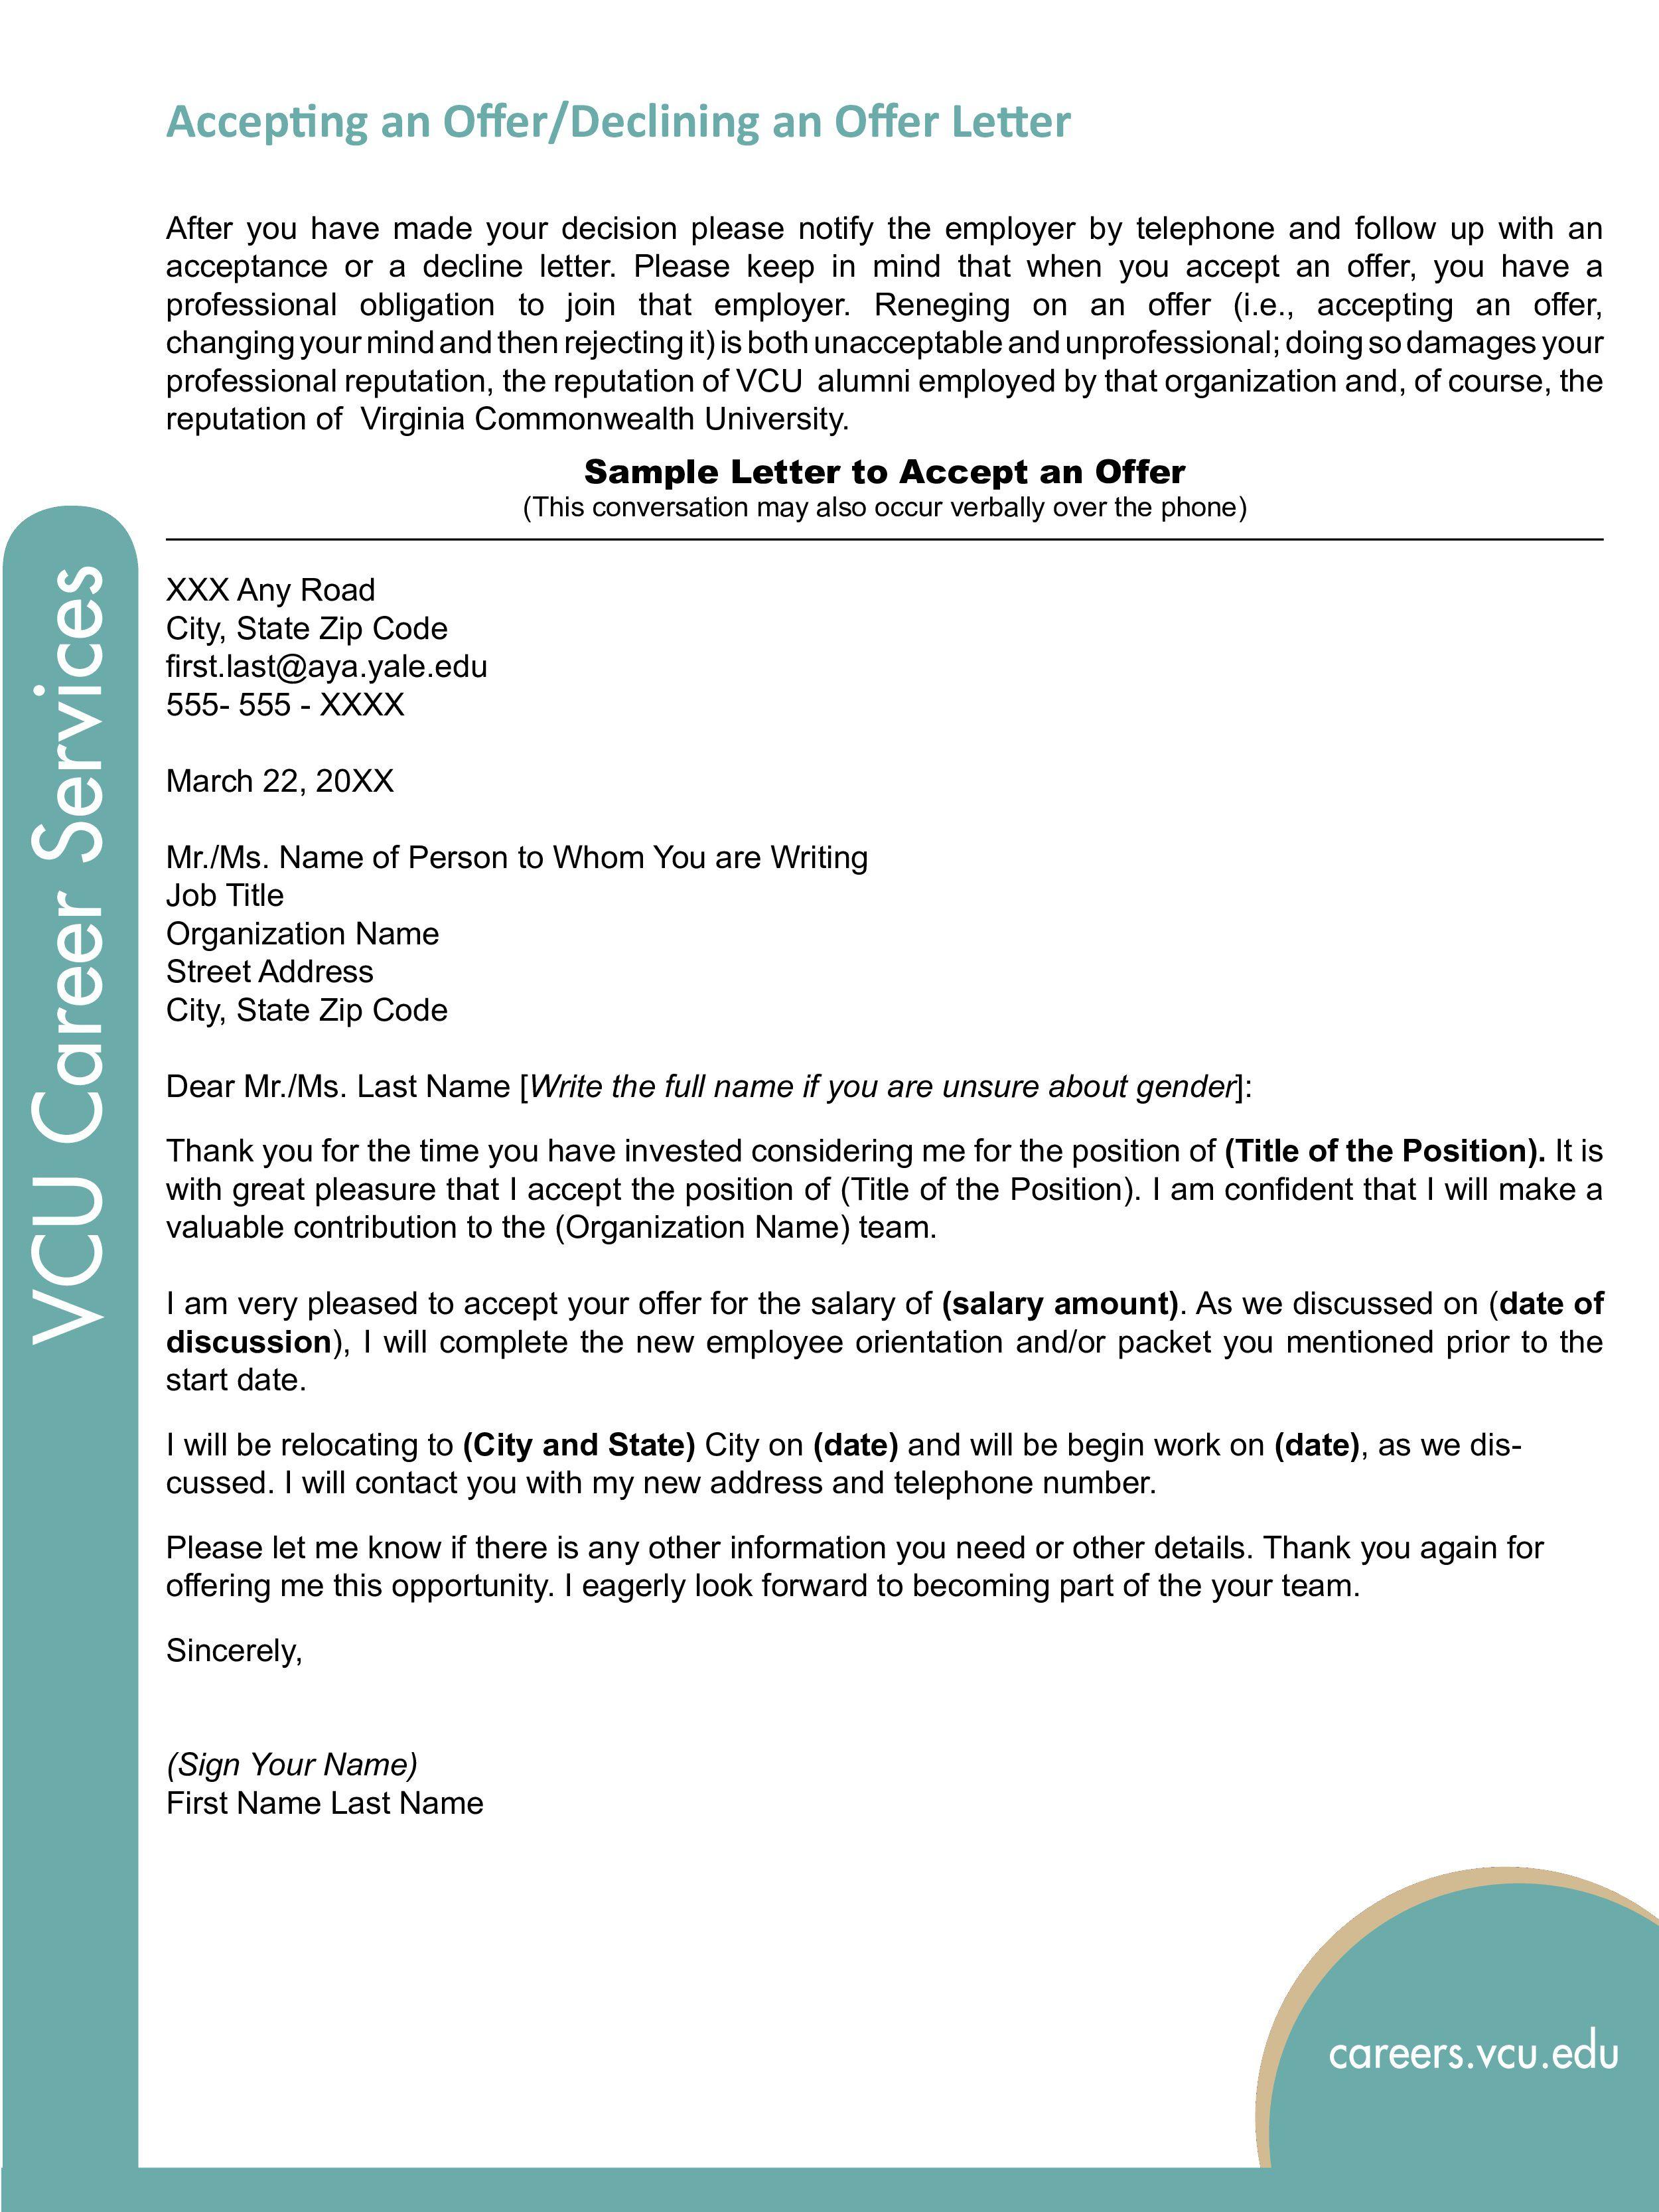 001 Astounding Counter Offer Letter Template Example  Real Estate Settlement DebtFull